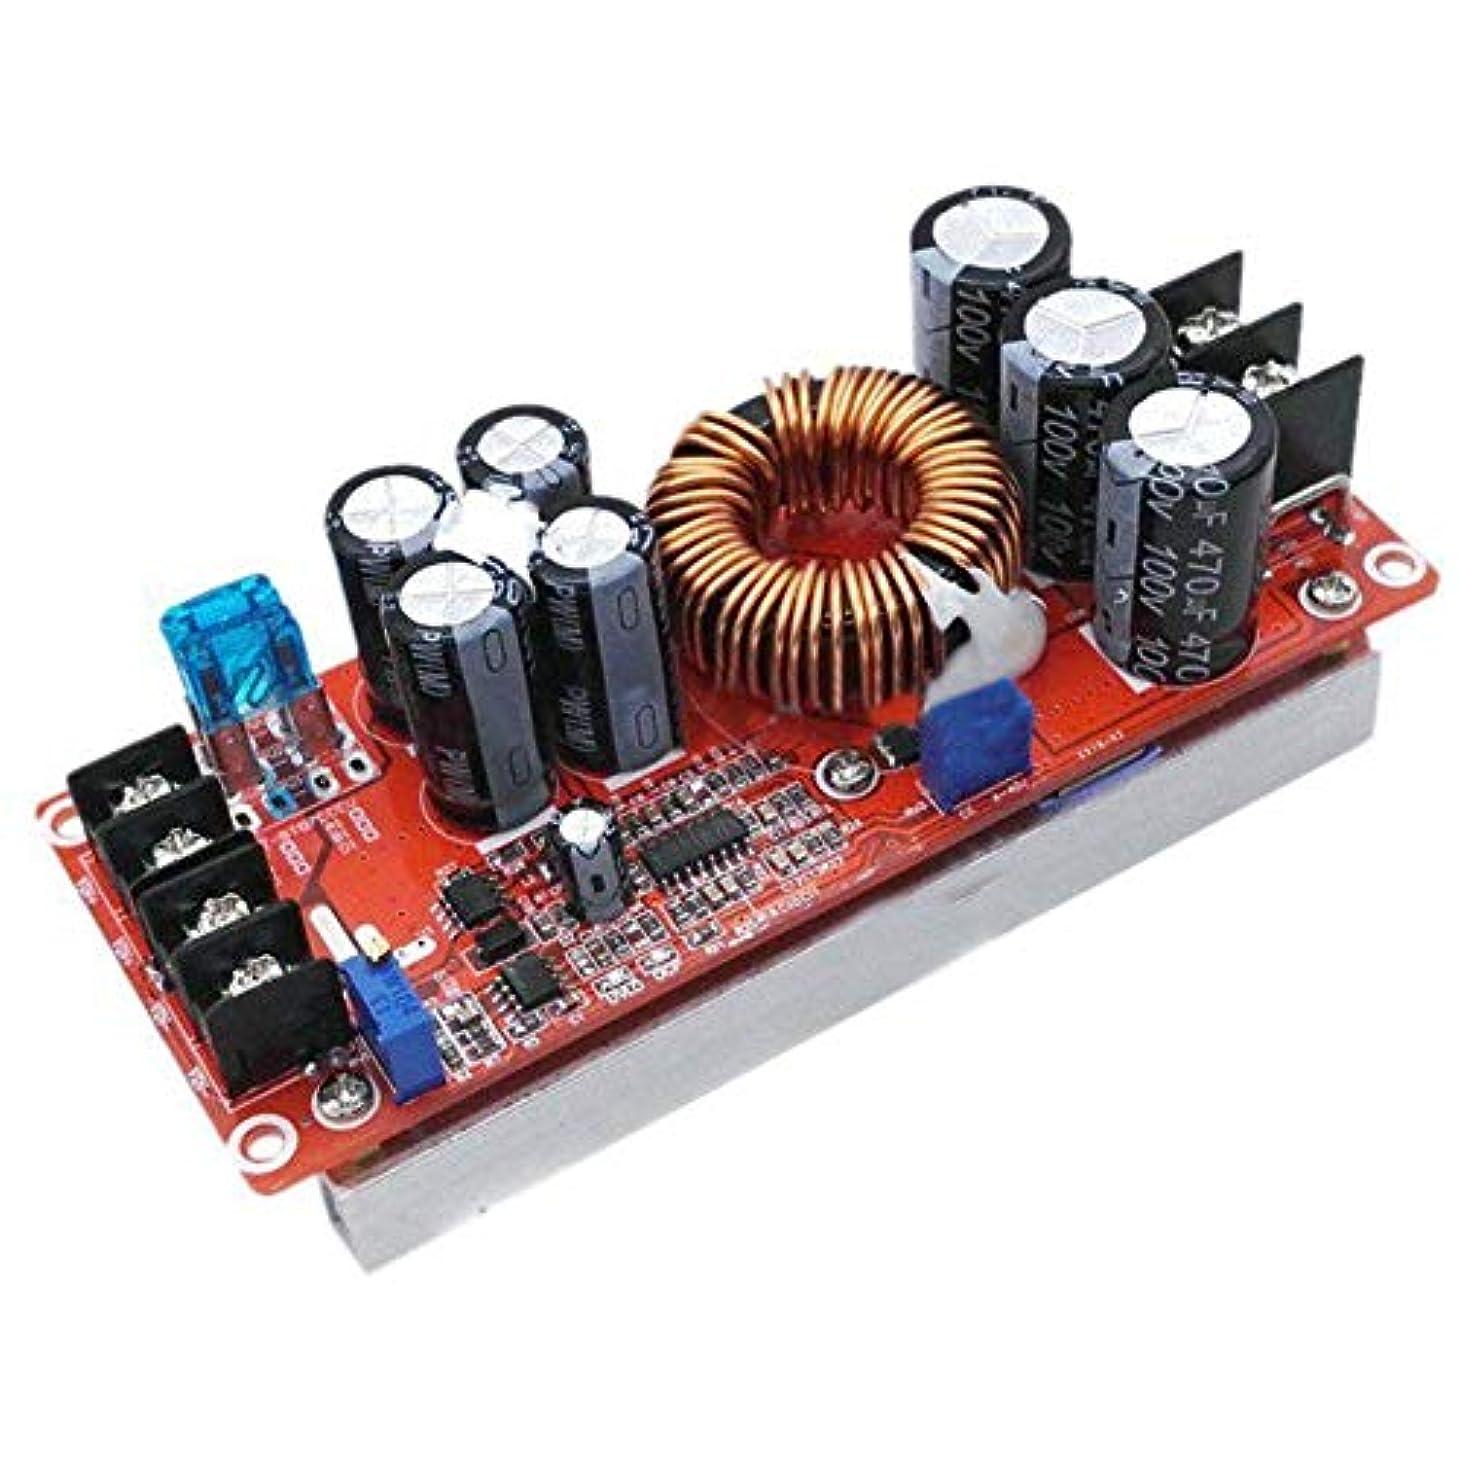 実験的泣き叫ぶつかまえるACHICOO 1200W 20A DCコンバータブースト 車昇圧電源 モジュール 8-60Vから12-83V